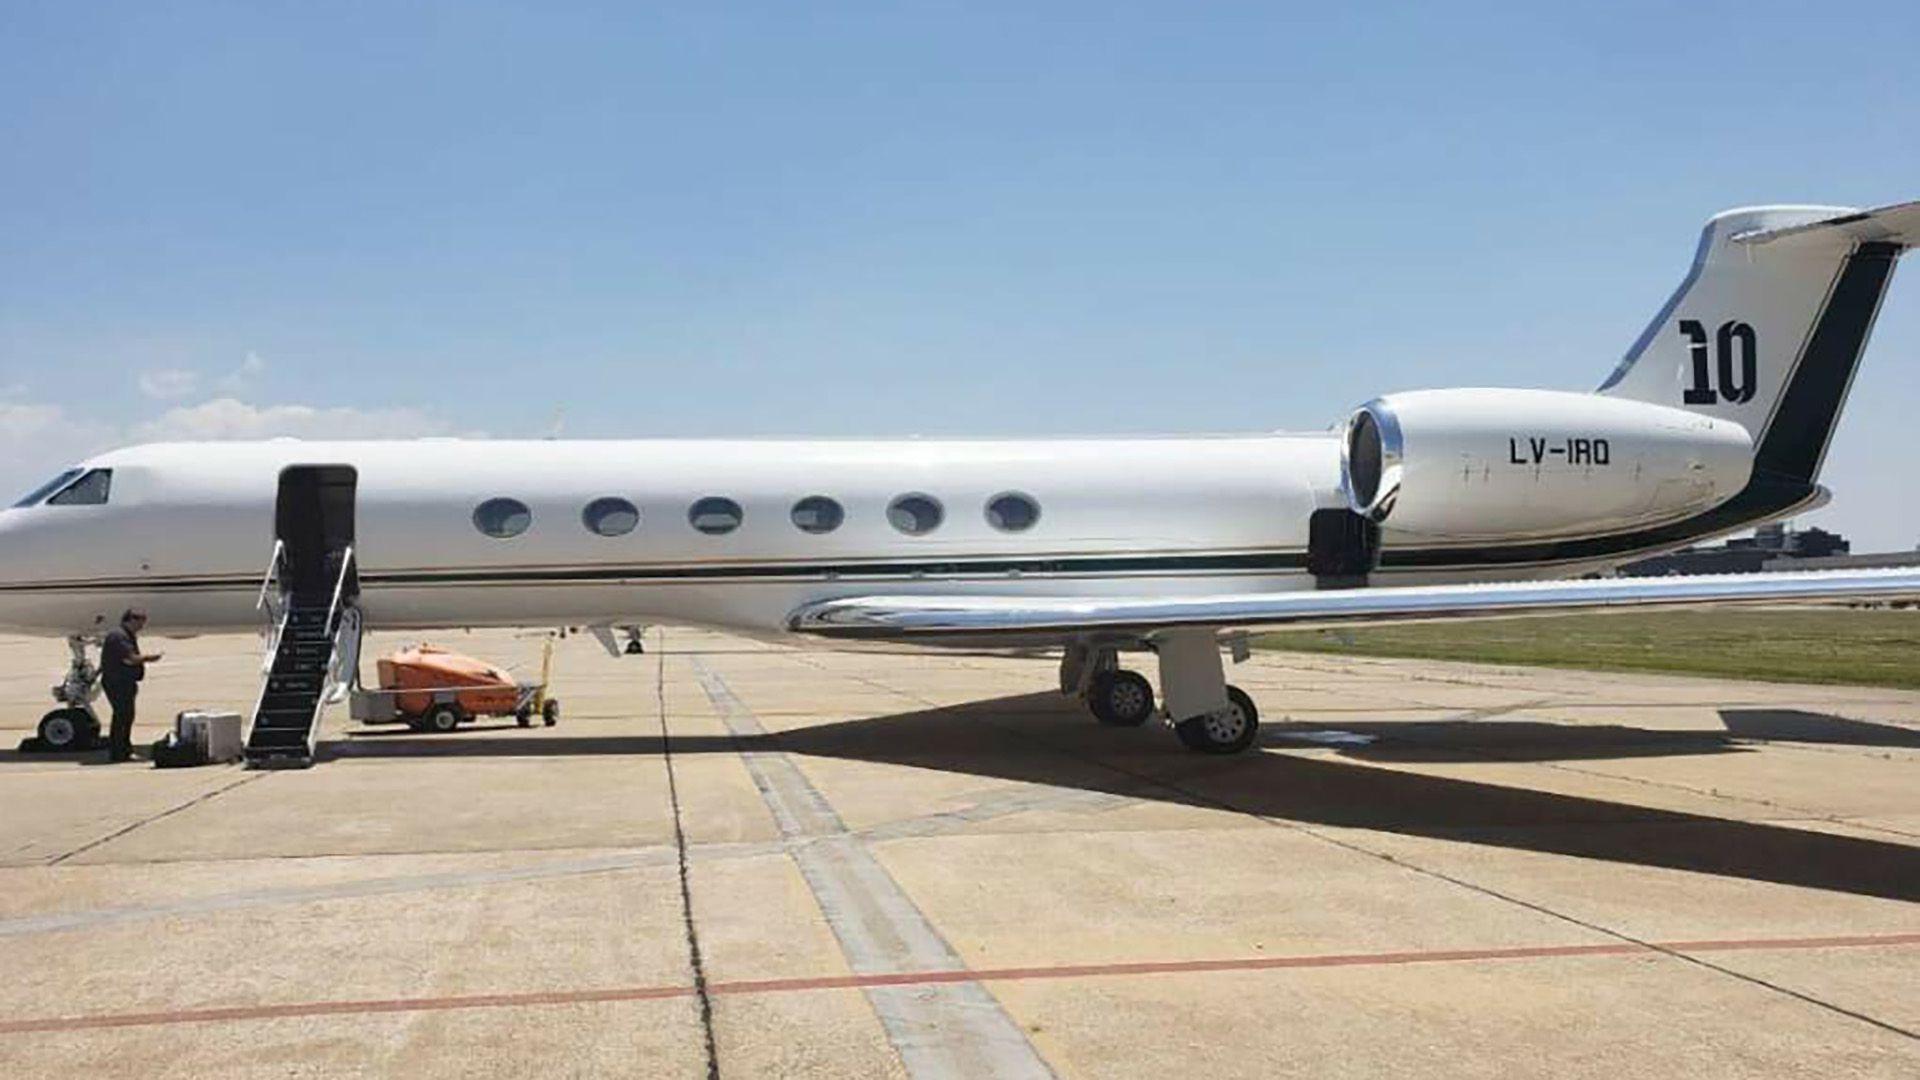 Messi puso su avión Gulftream V, patente LV-IRQ, a disposición para el traslado de algunos de sus compañeros de Selección